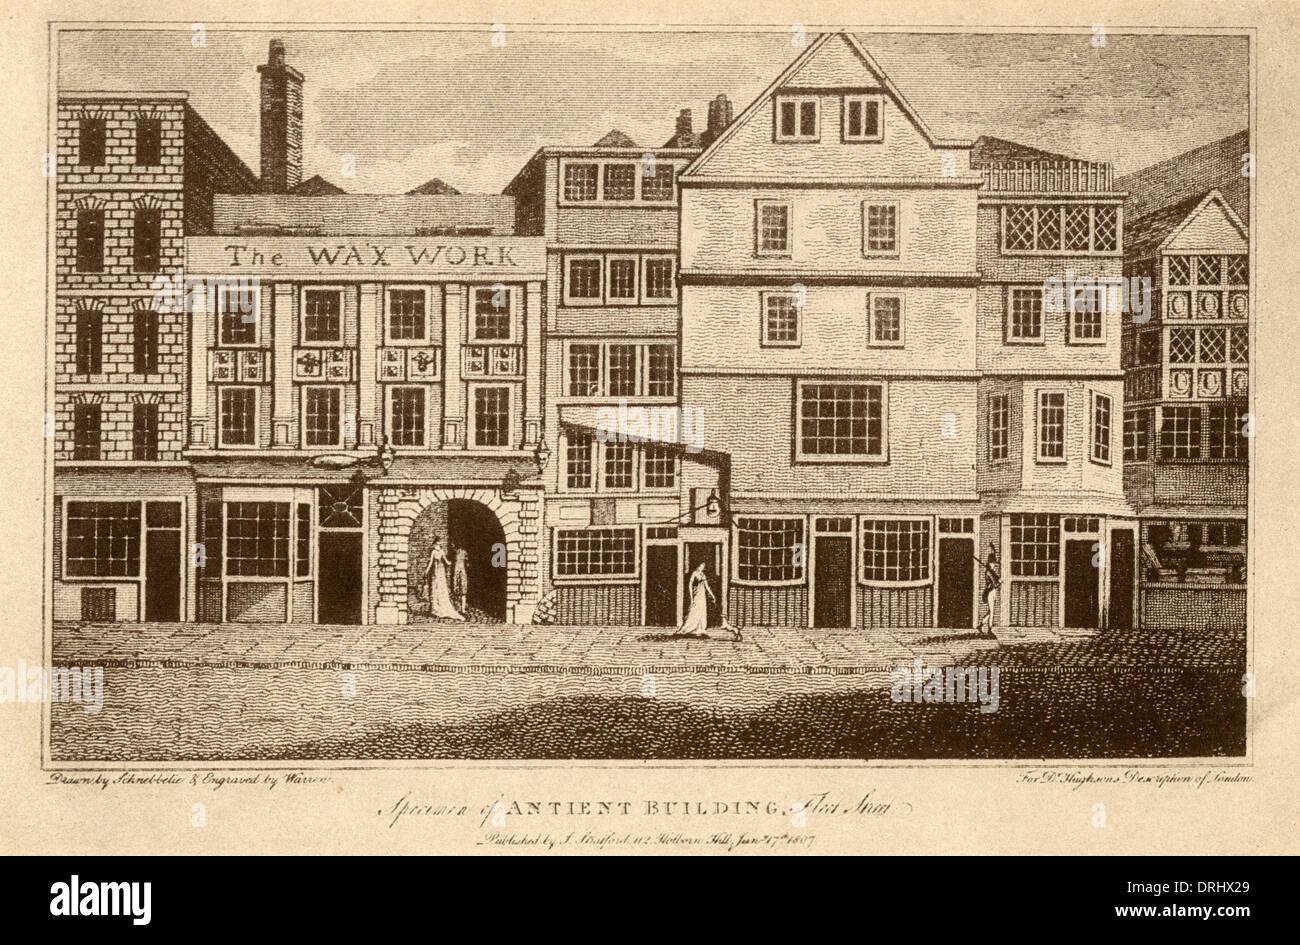 17 Fleet Street, London - Stock Image